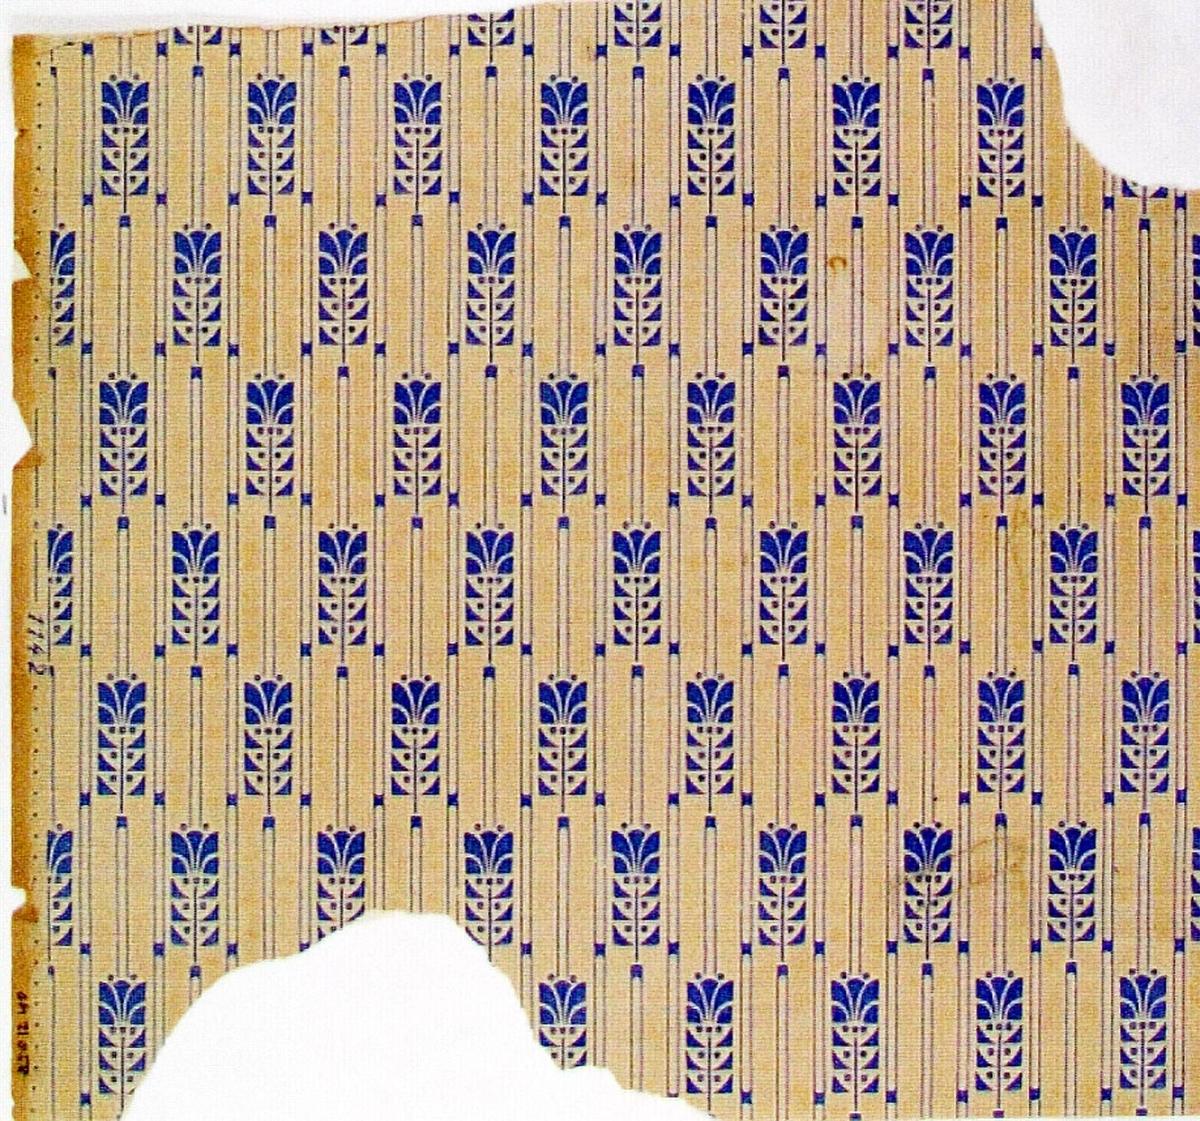 Randmönster med liten stiliserad blomma i diagonalupprepning. Övertryck med litet randmönster. Tryck i ljusblått på ofärgat papper.